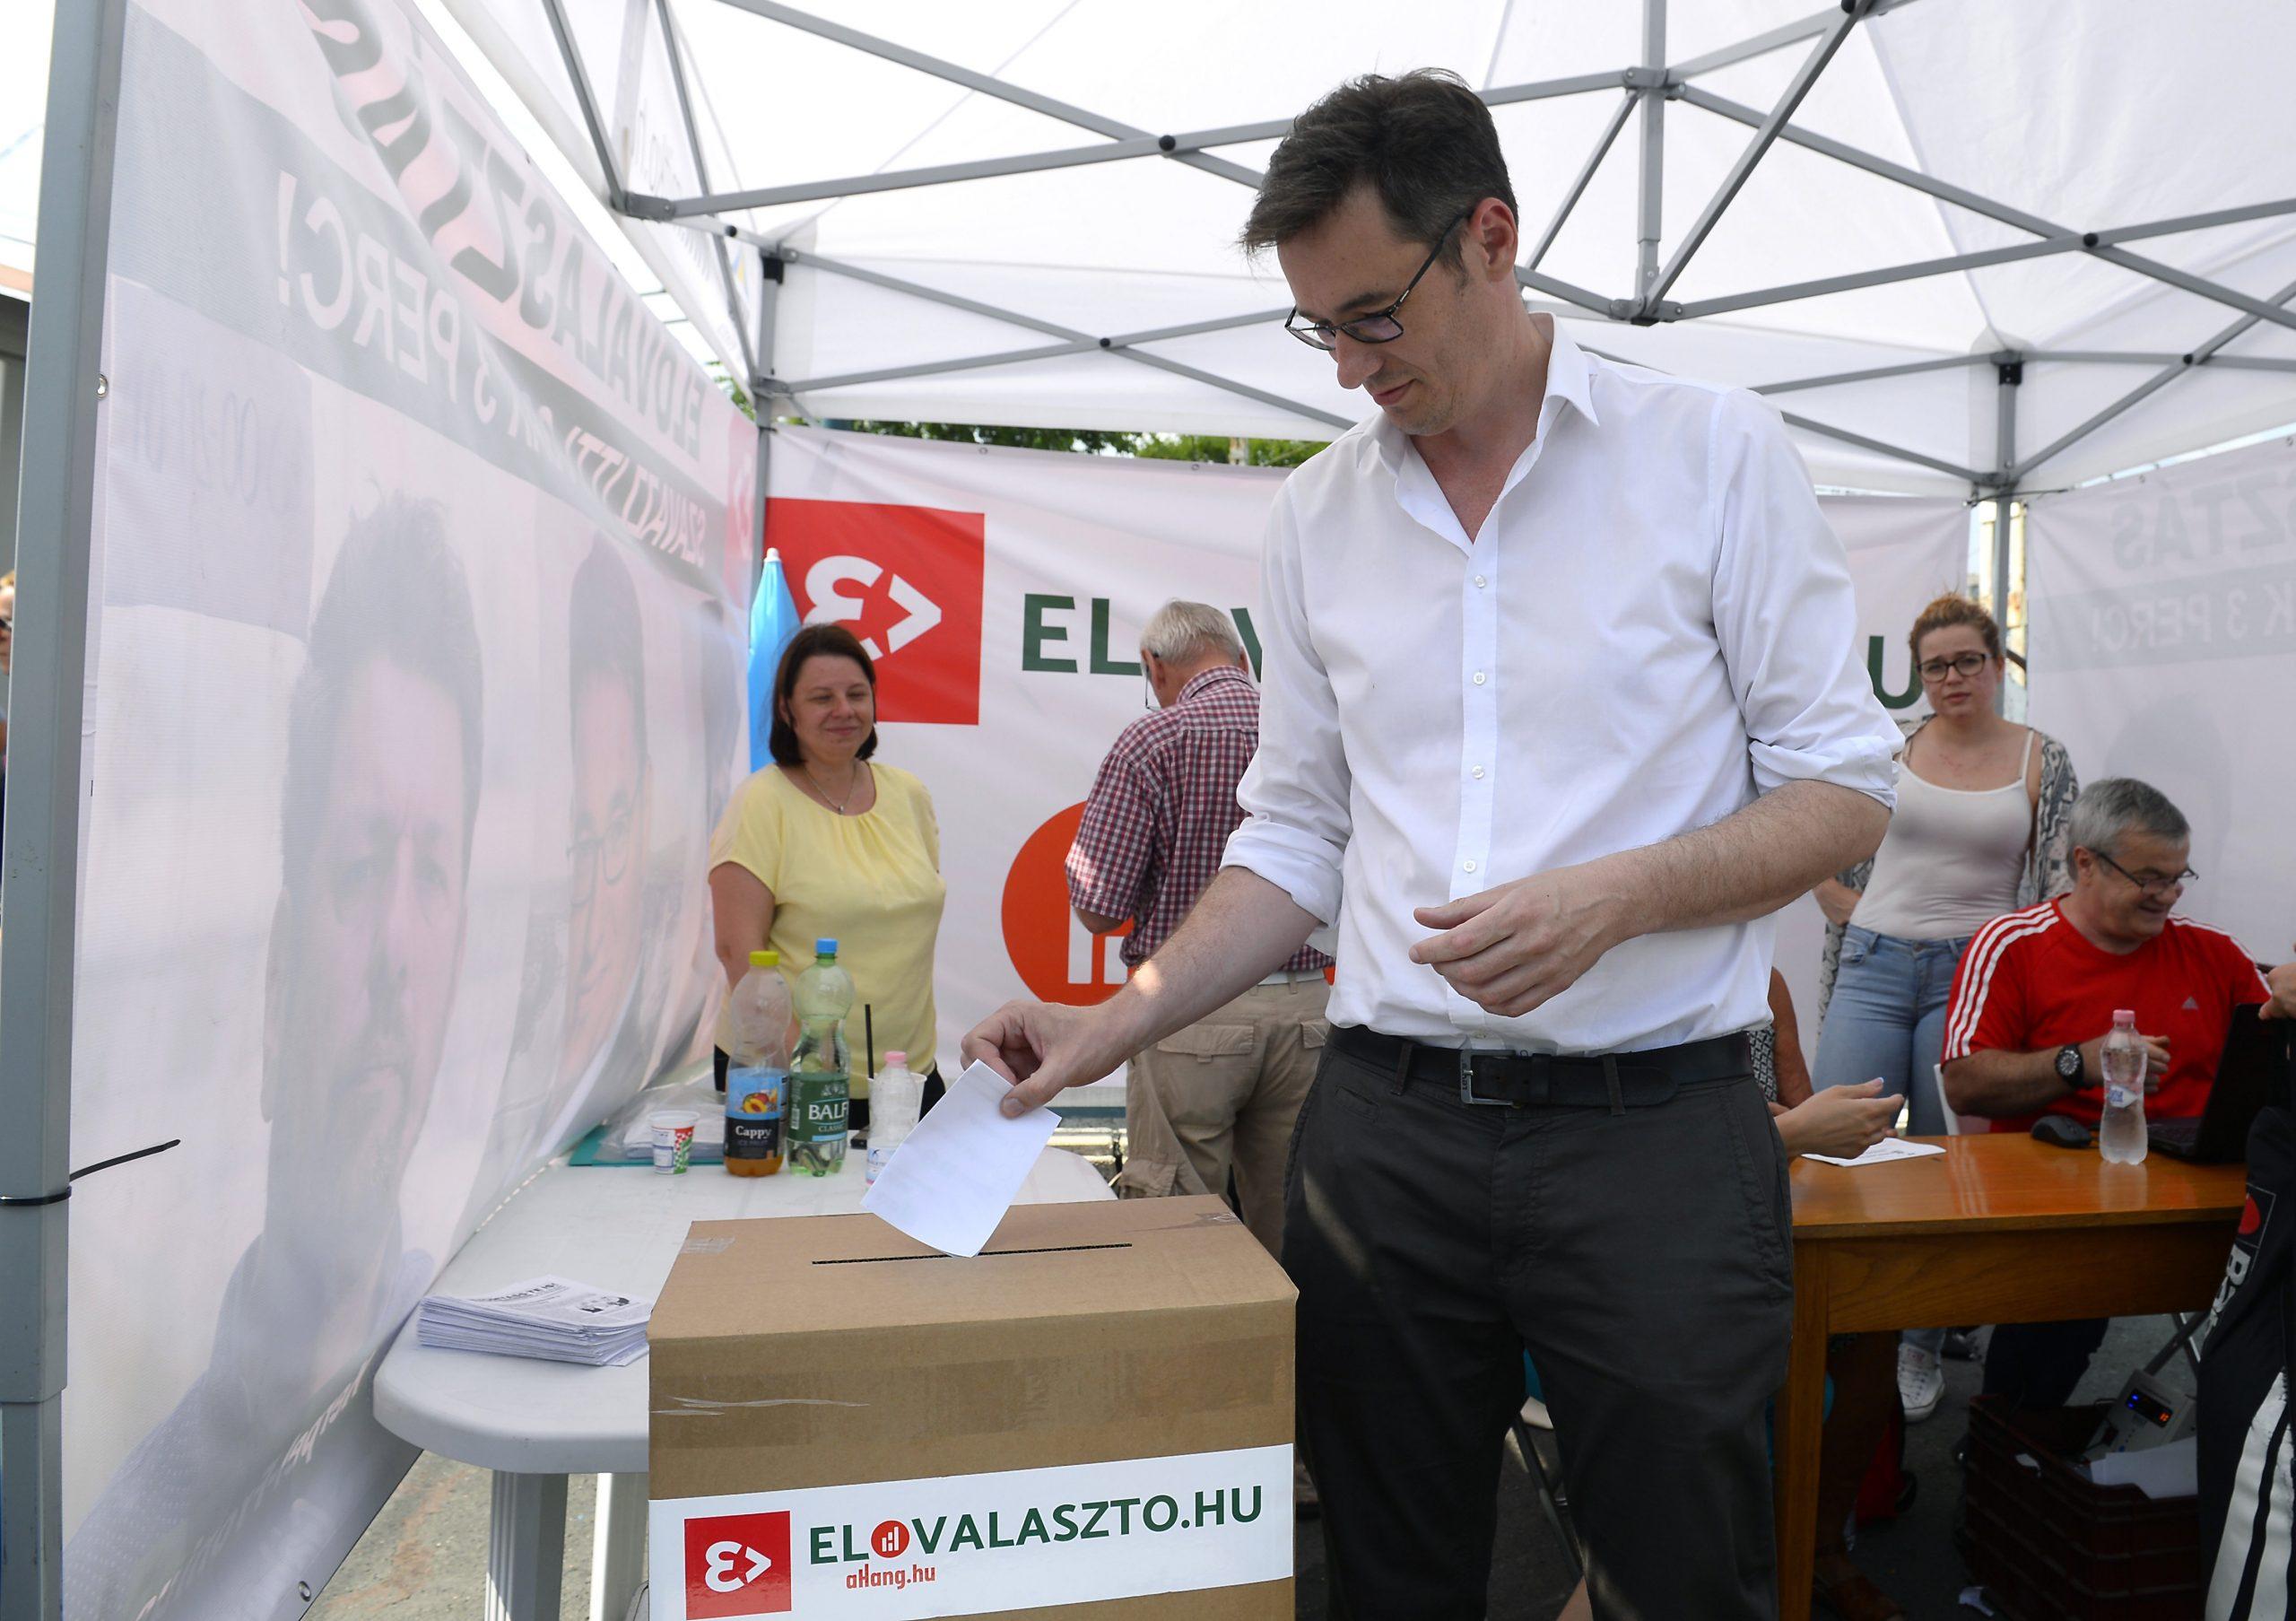 Opposition beginnt Vorwahlen für Parlamentswahl 2022